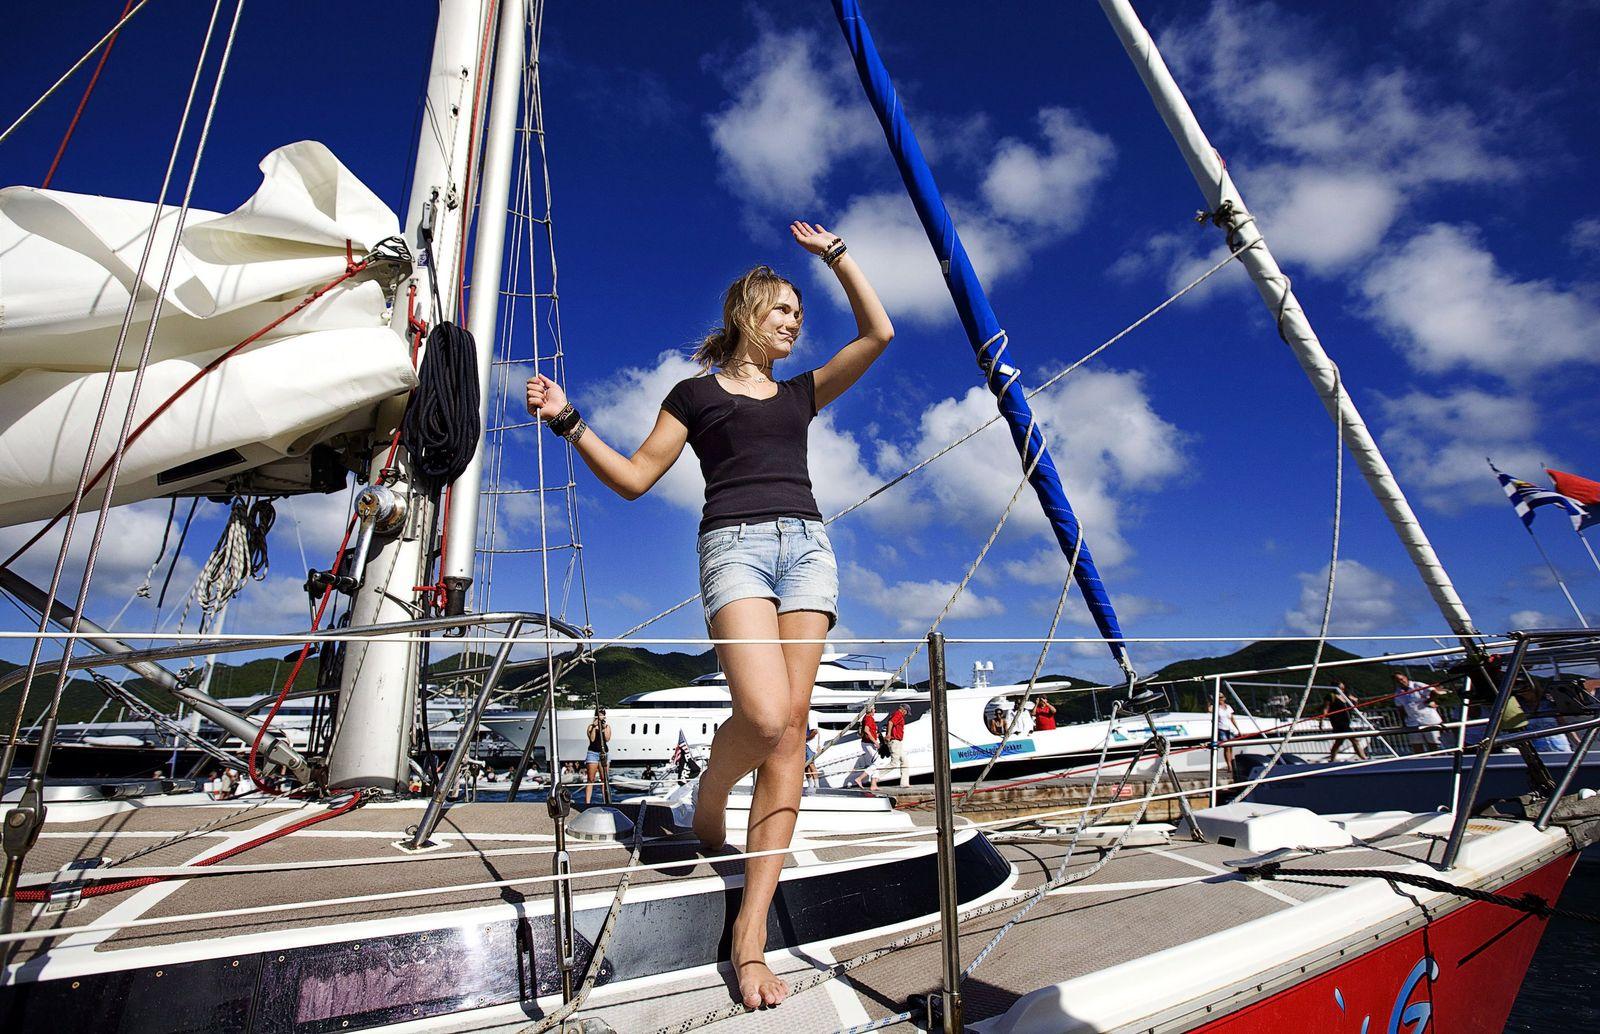 Laura Dekker/ Ankunft/ Sint Maarten